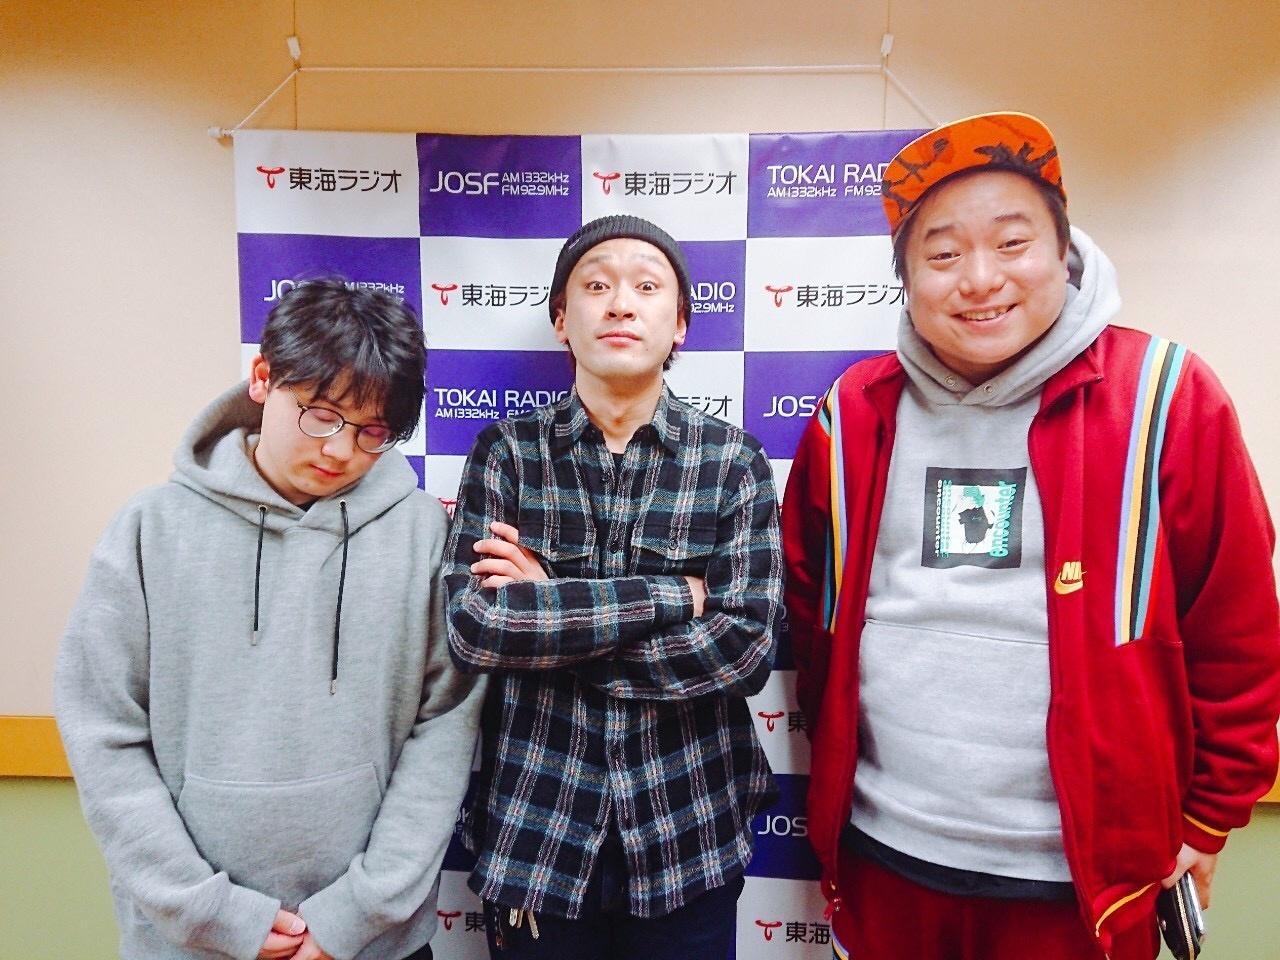 ラジオ 東海